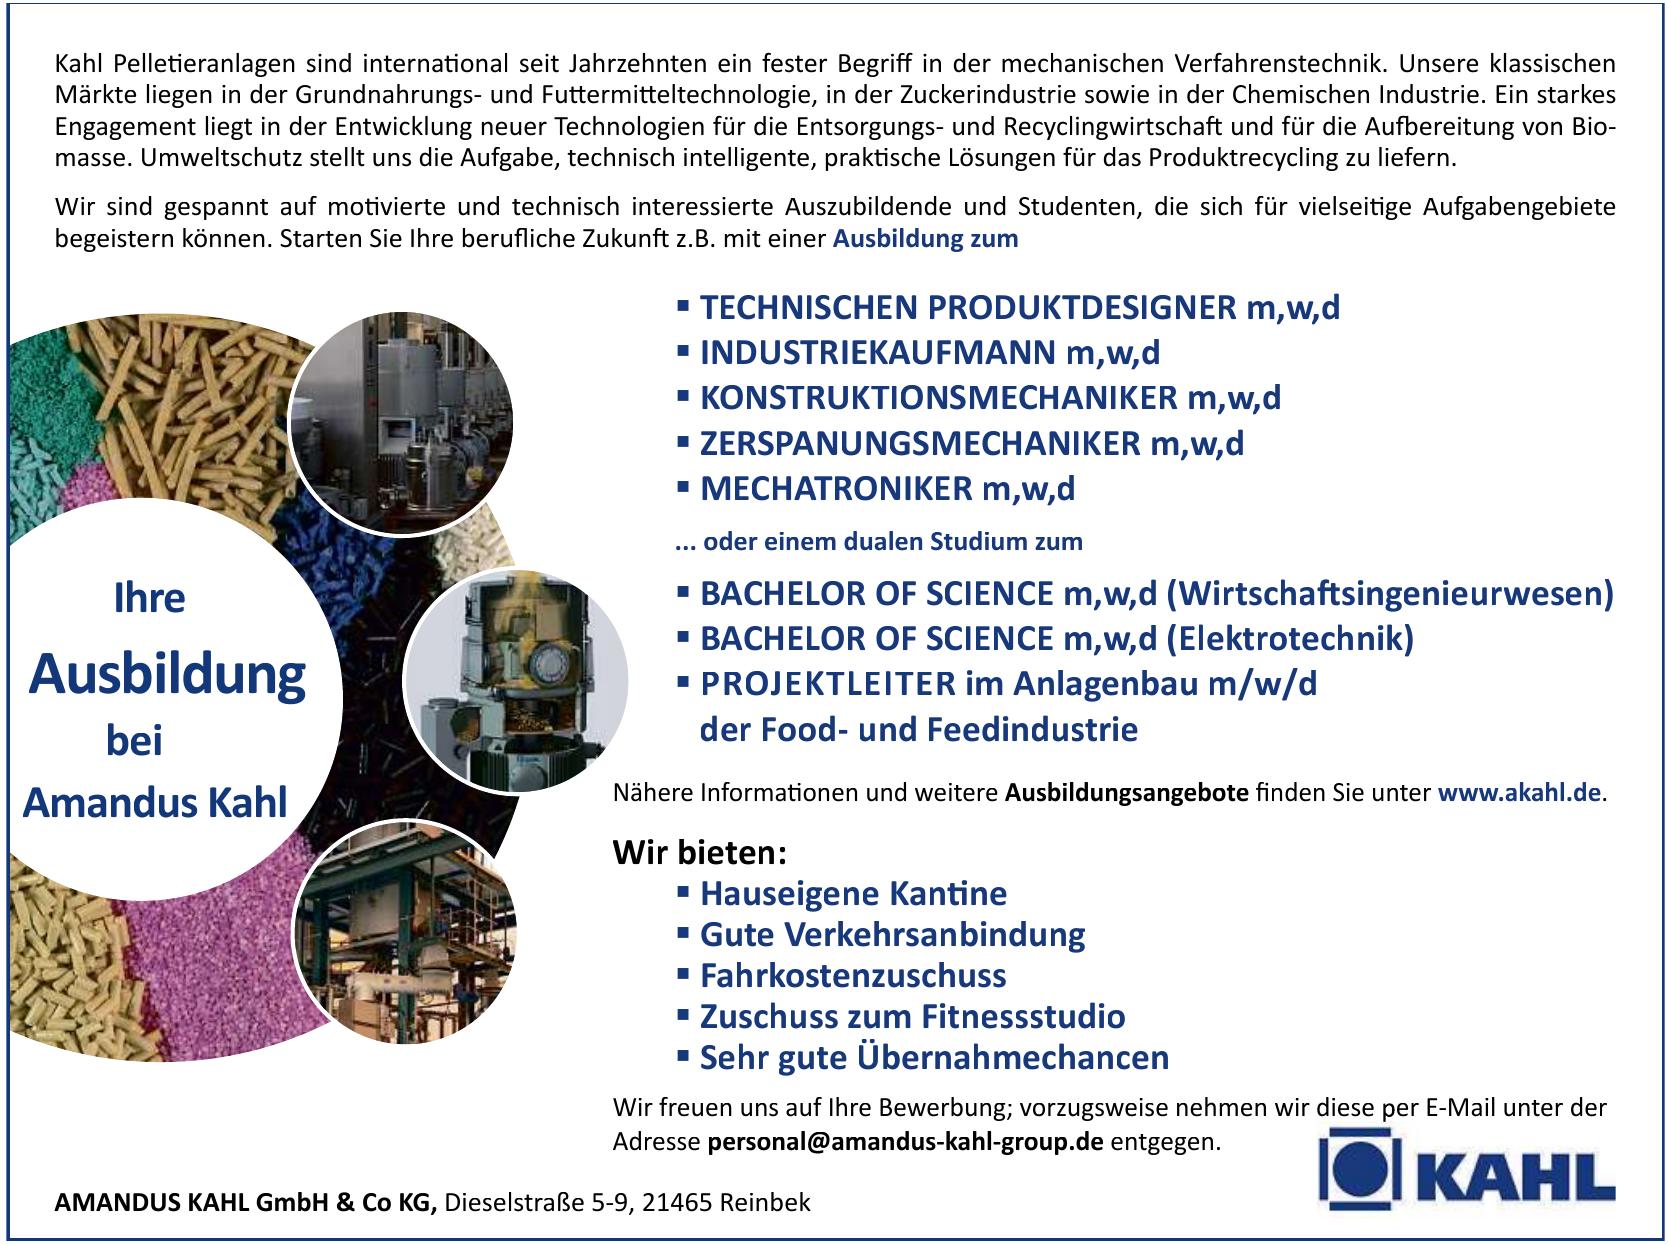 Amandus Kahl GmbH & Co KG